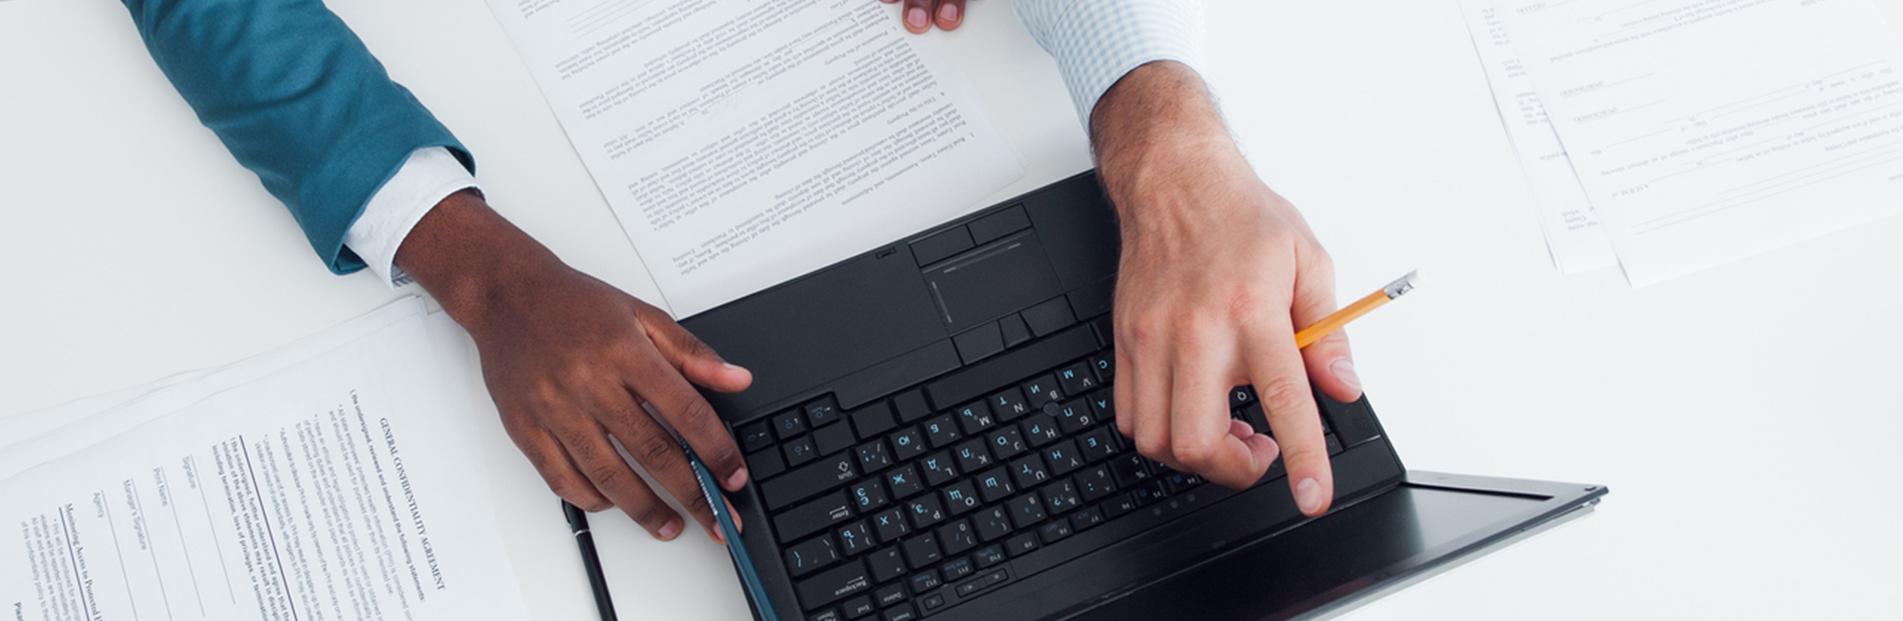 le blog mon cdi   conseils pour une recherche d u0026 39 emploi r u00e9ussie